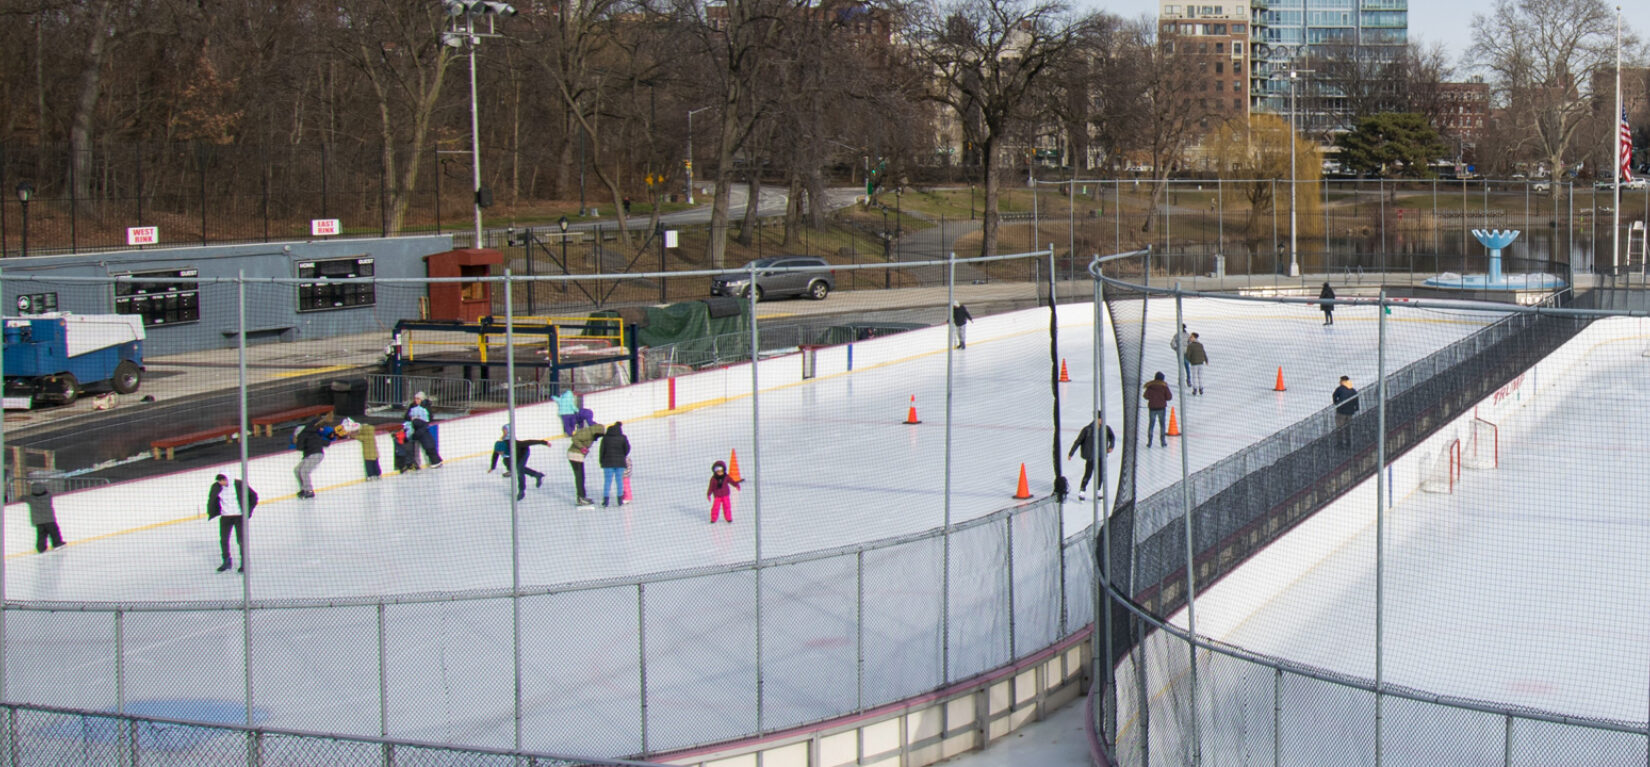 People iceskating at Lasker Rink